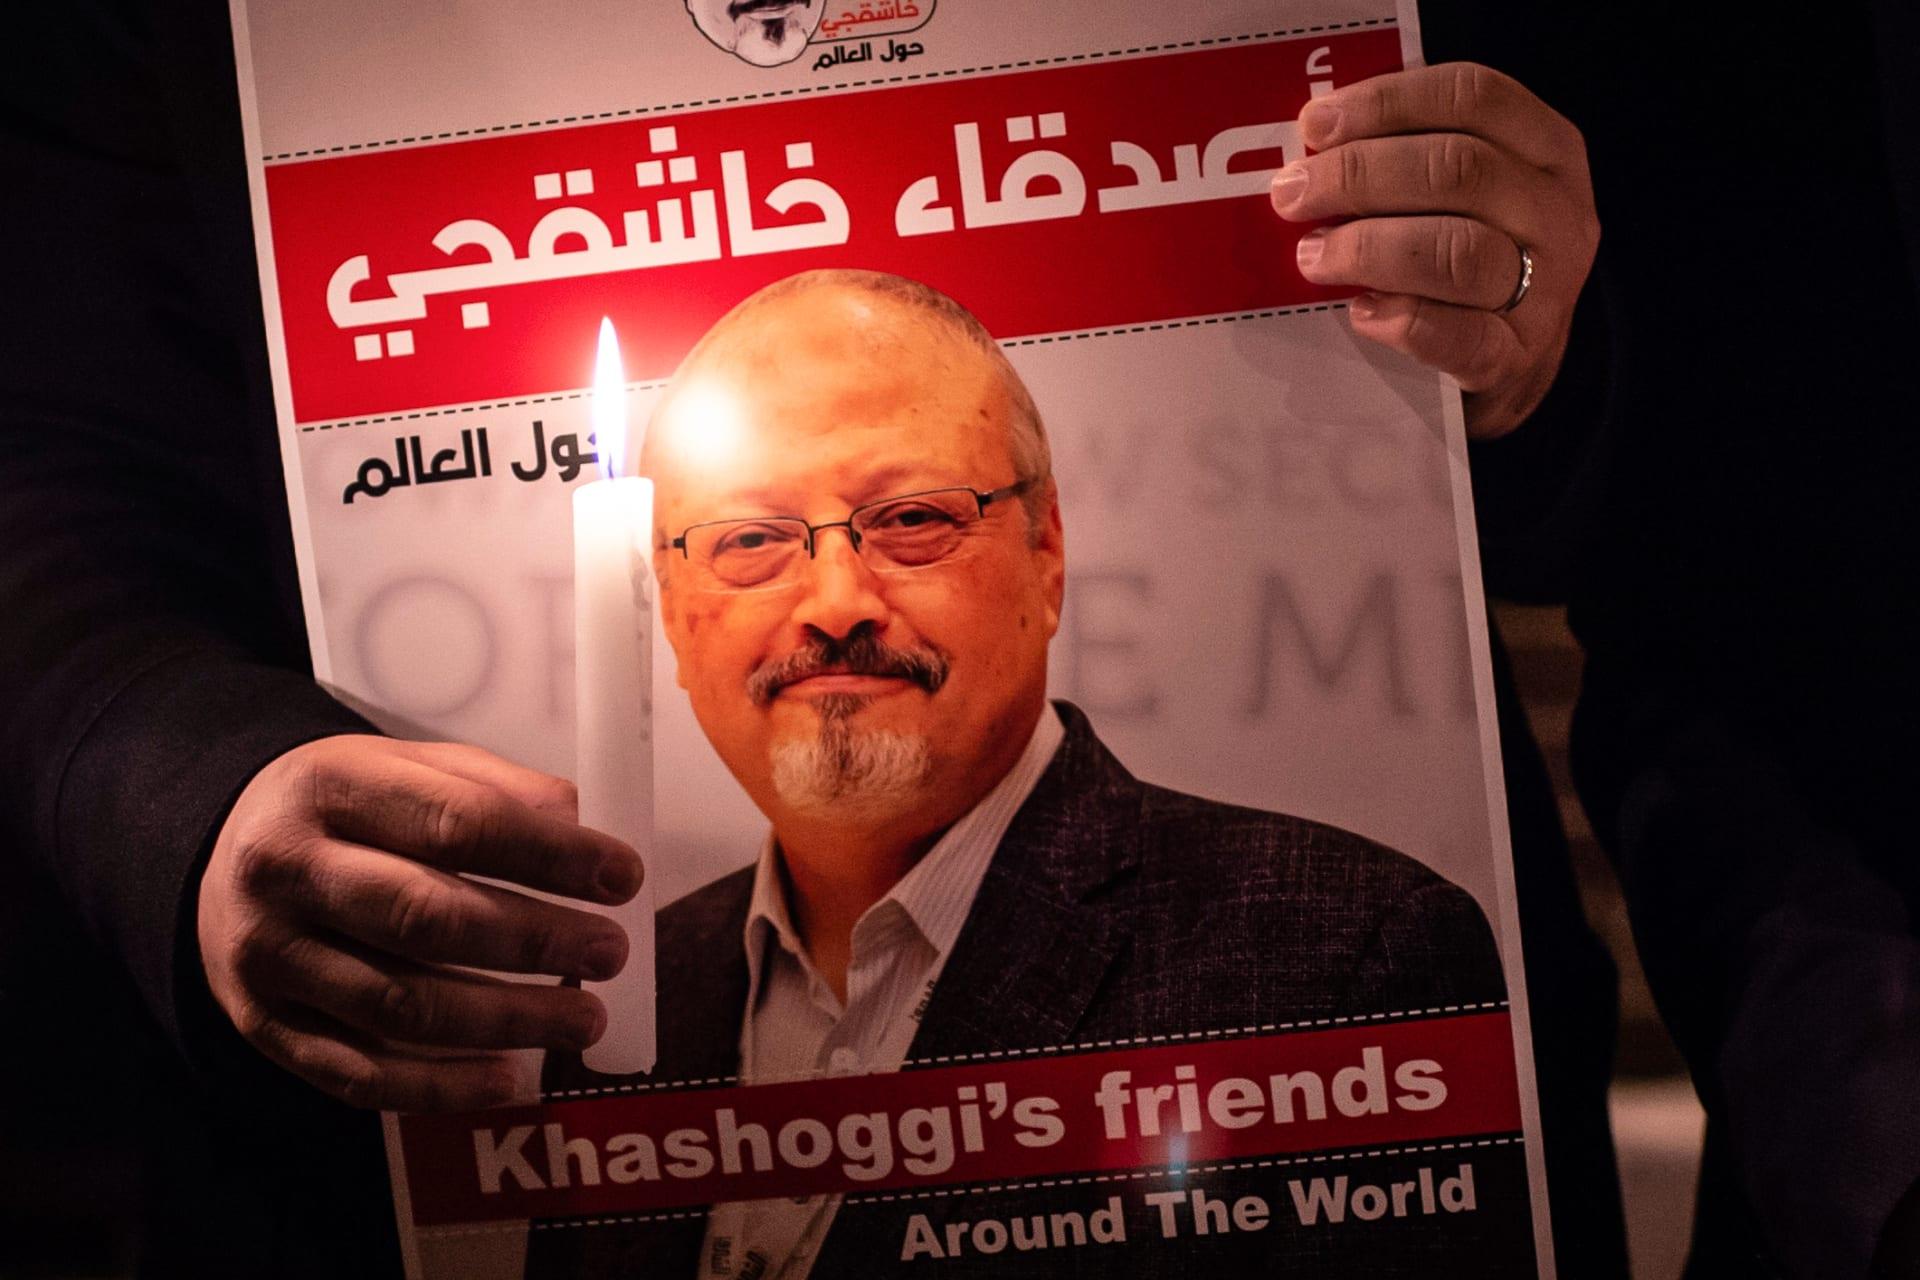 أمير سعودي يجيب على أسئلة حول عفو أبناء جمال خاشقجي عن قتلته